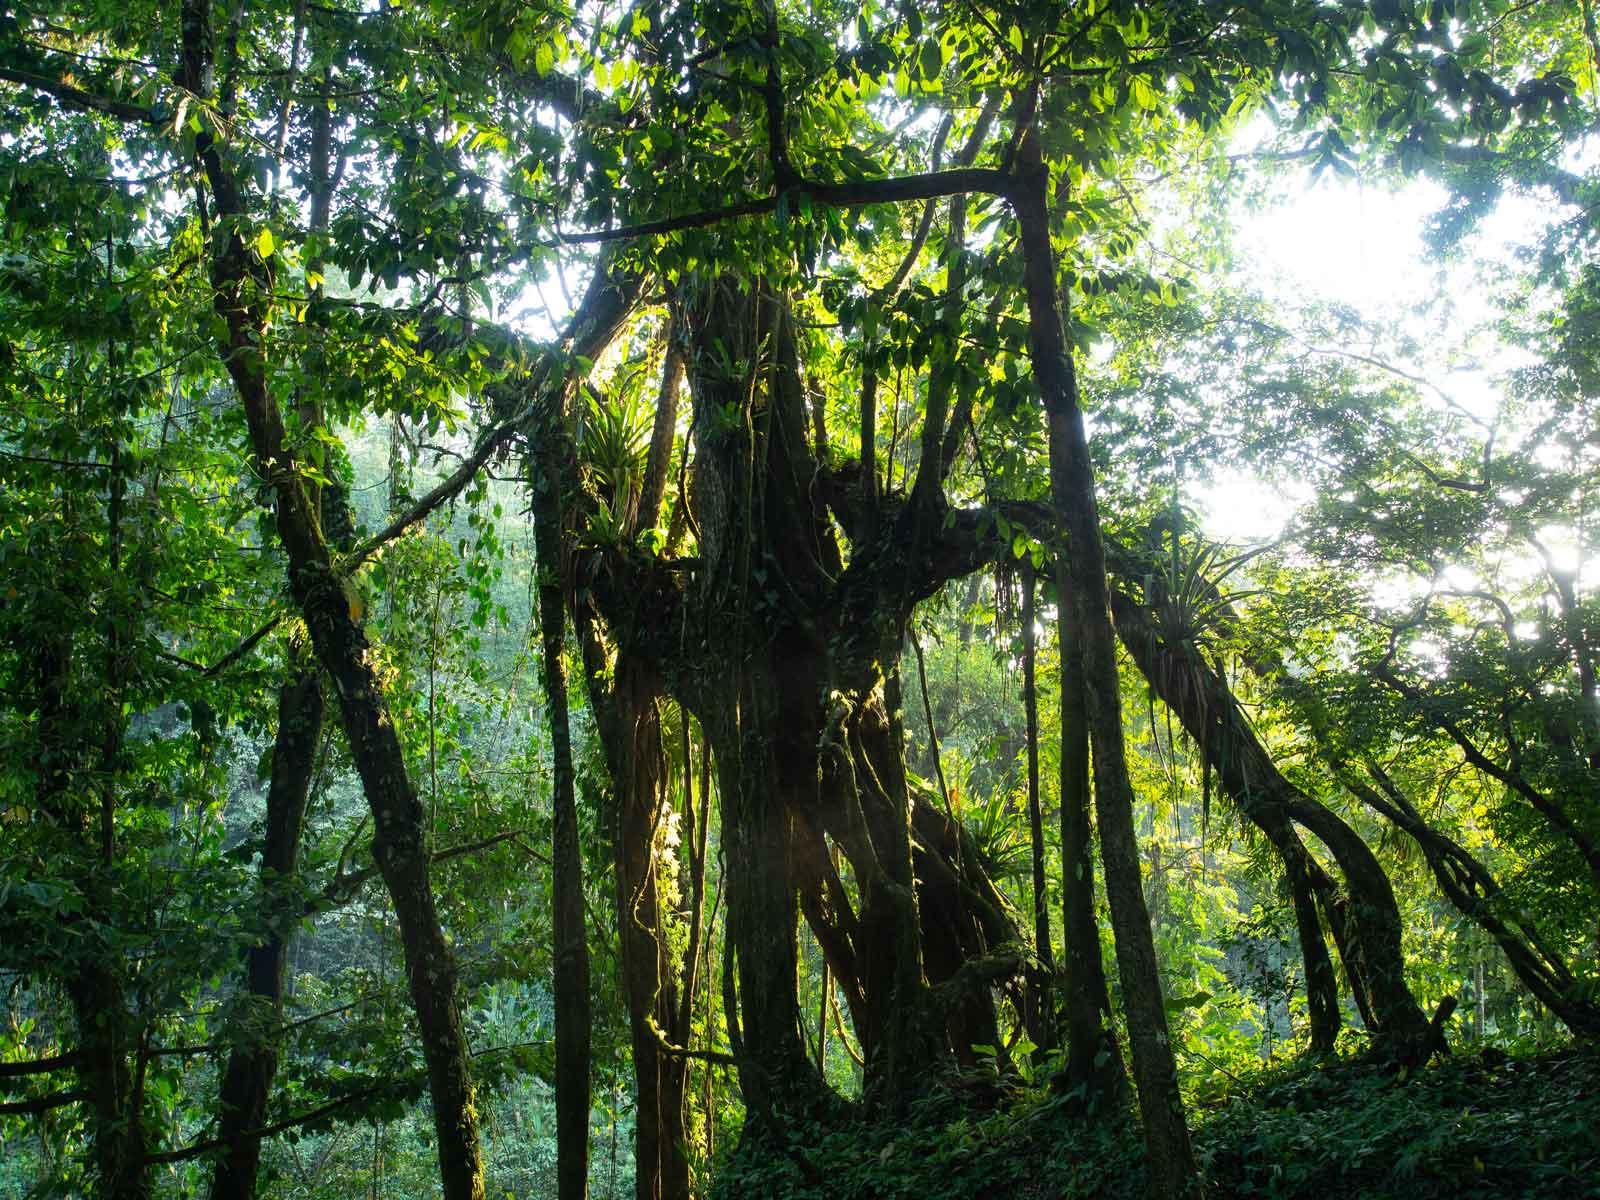 Dschungel Vegetation beim Misol-Ha Wasserfall